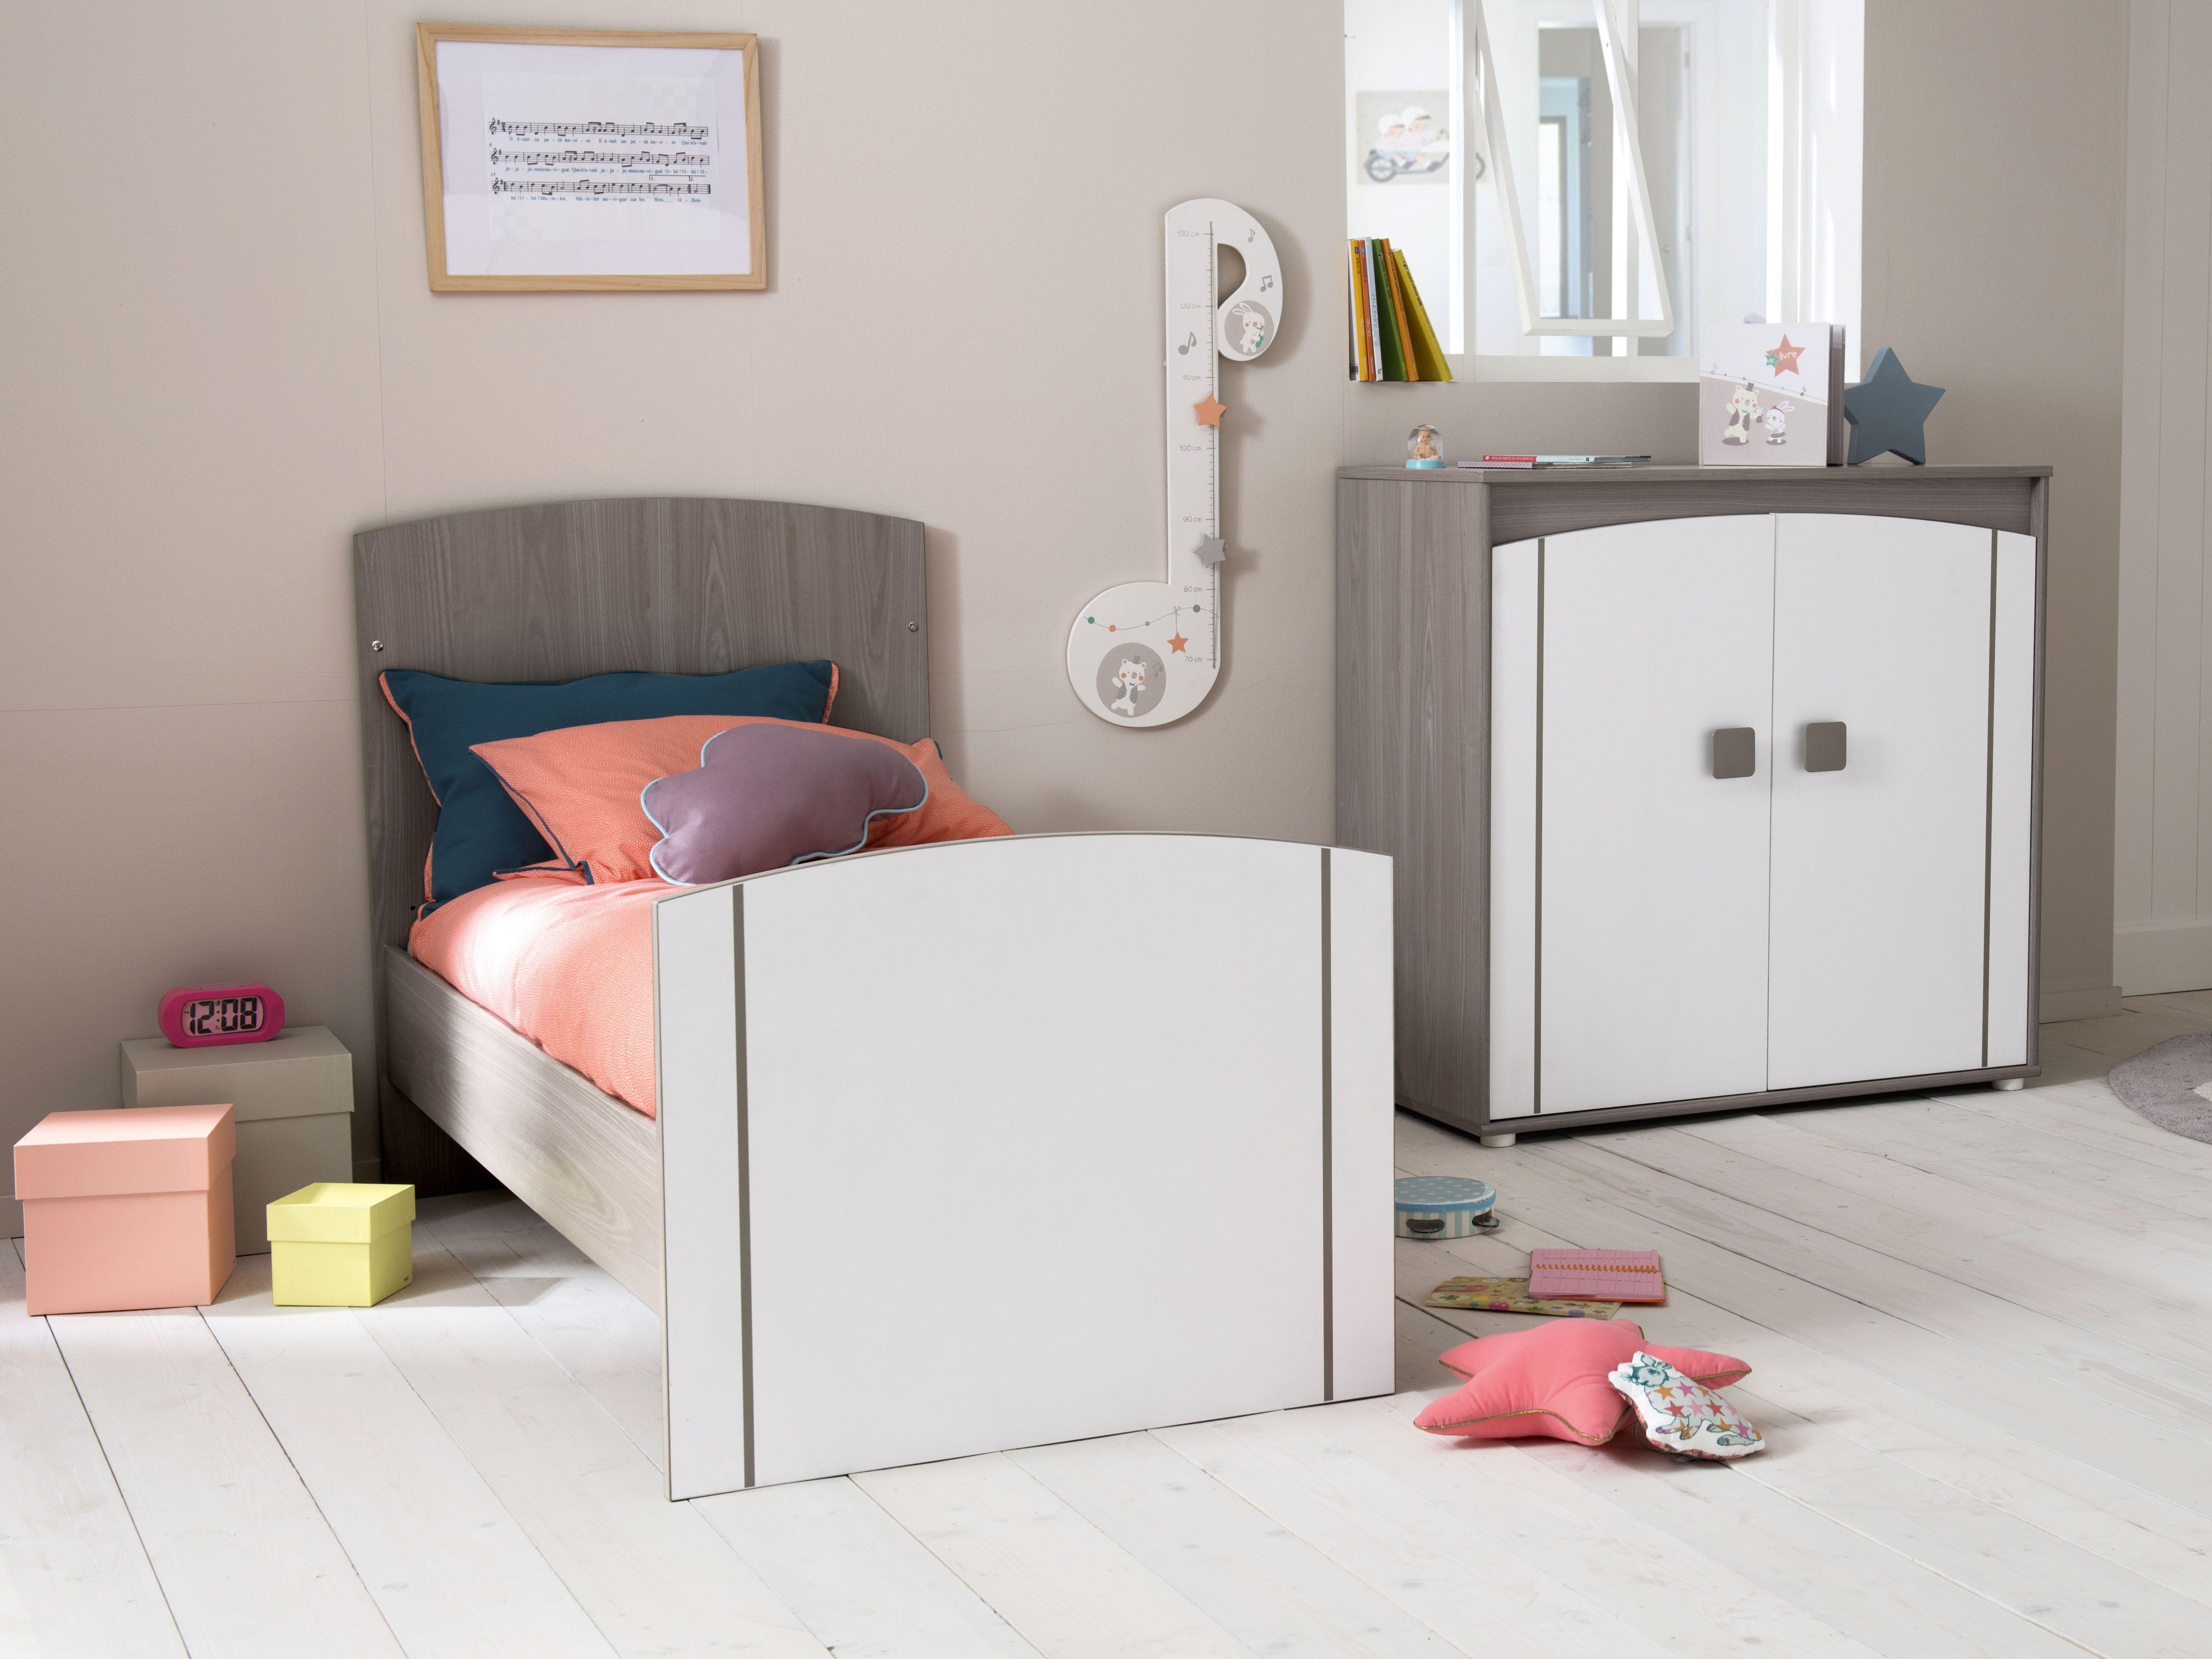 Chambre Jules lit transformable en lit jeune enfant 70 x 140 cm